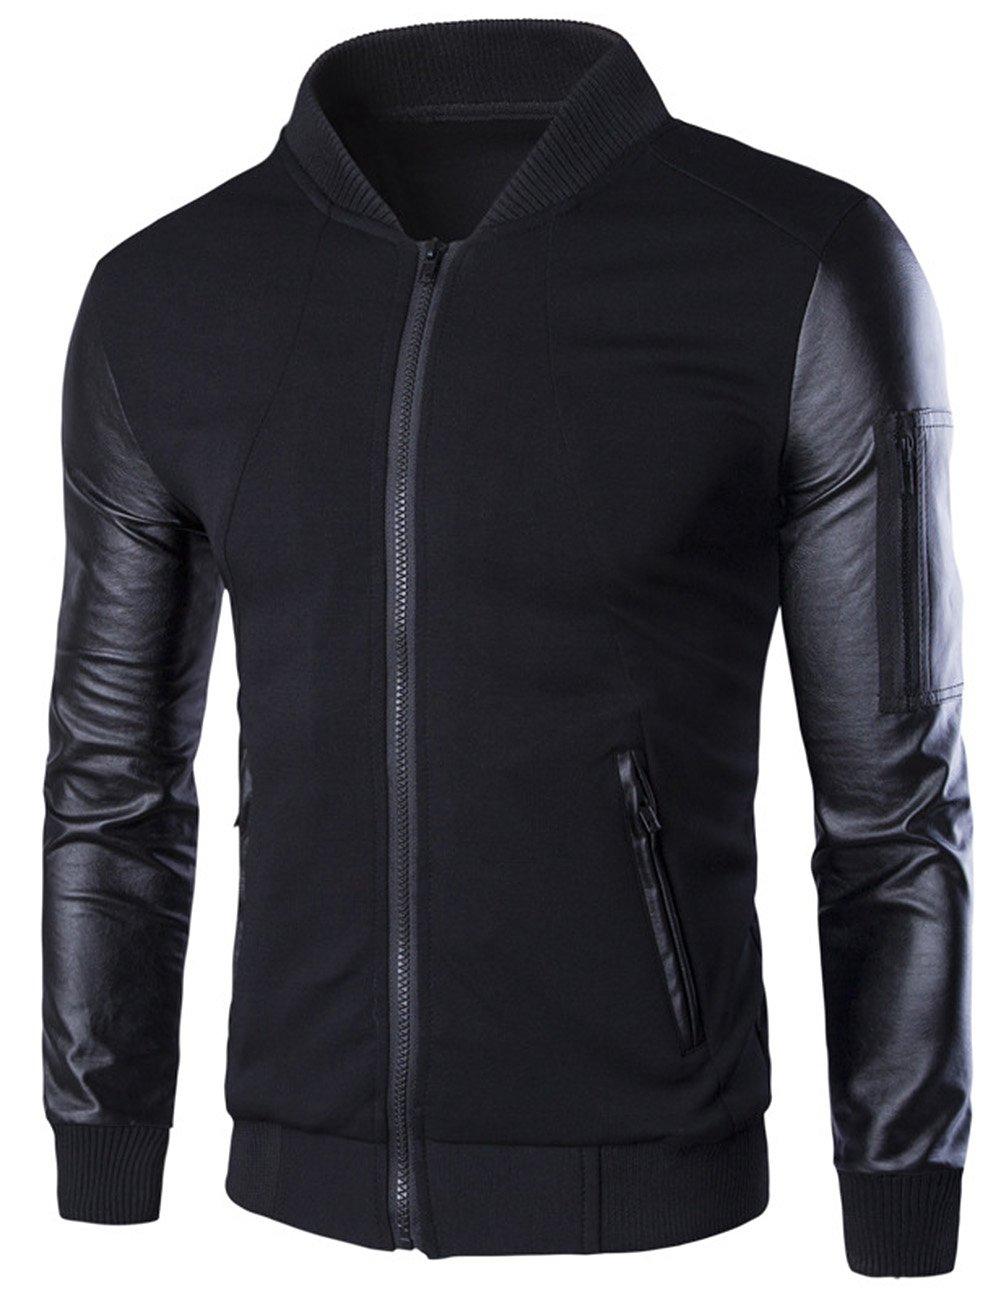 Men's Short Paragraph Zipper Stand Collar Long Sleeve Jacket Black XL